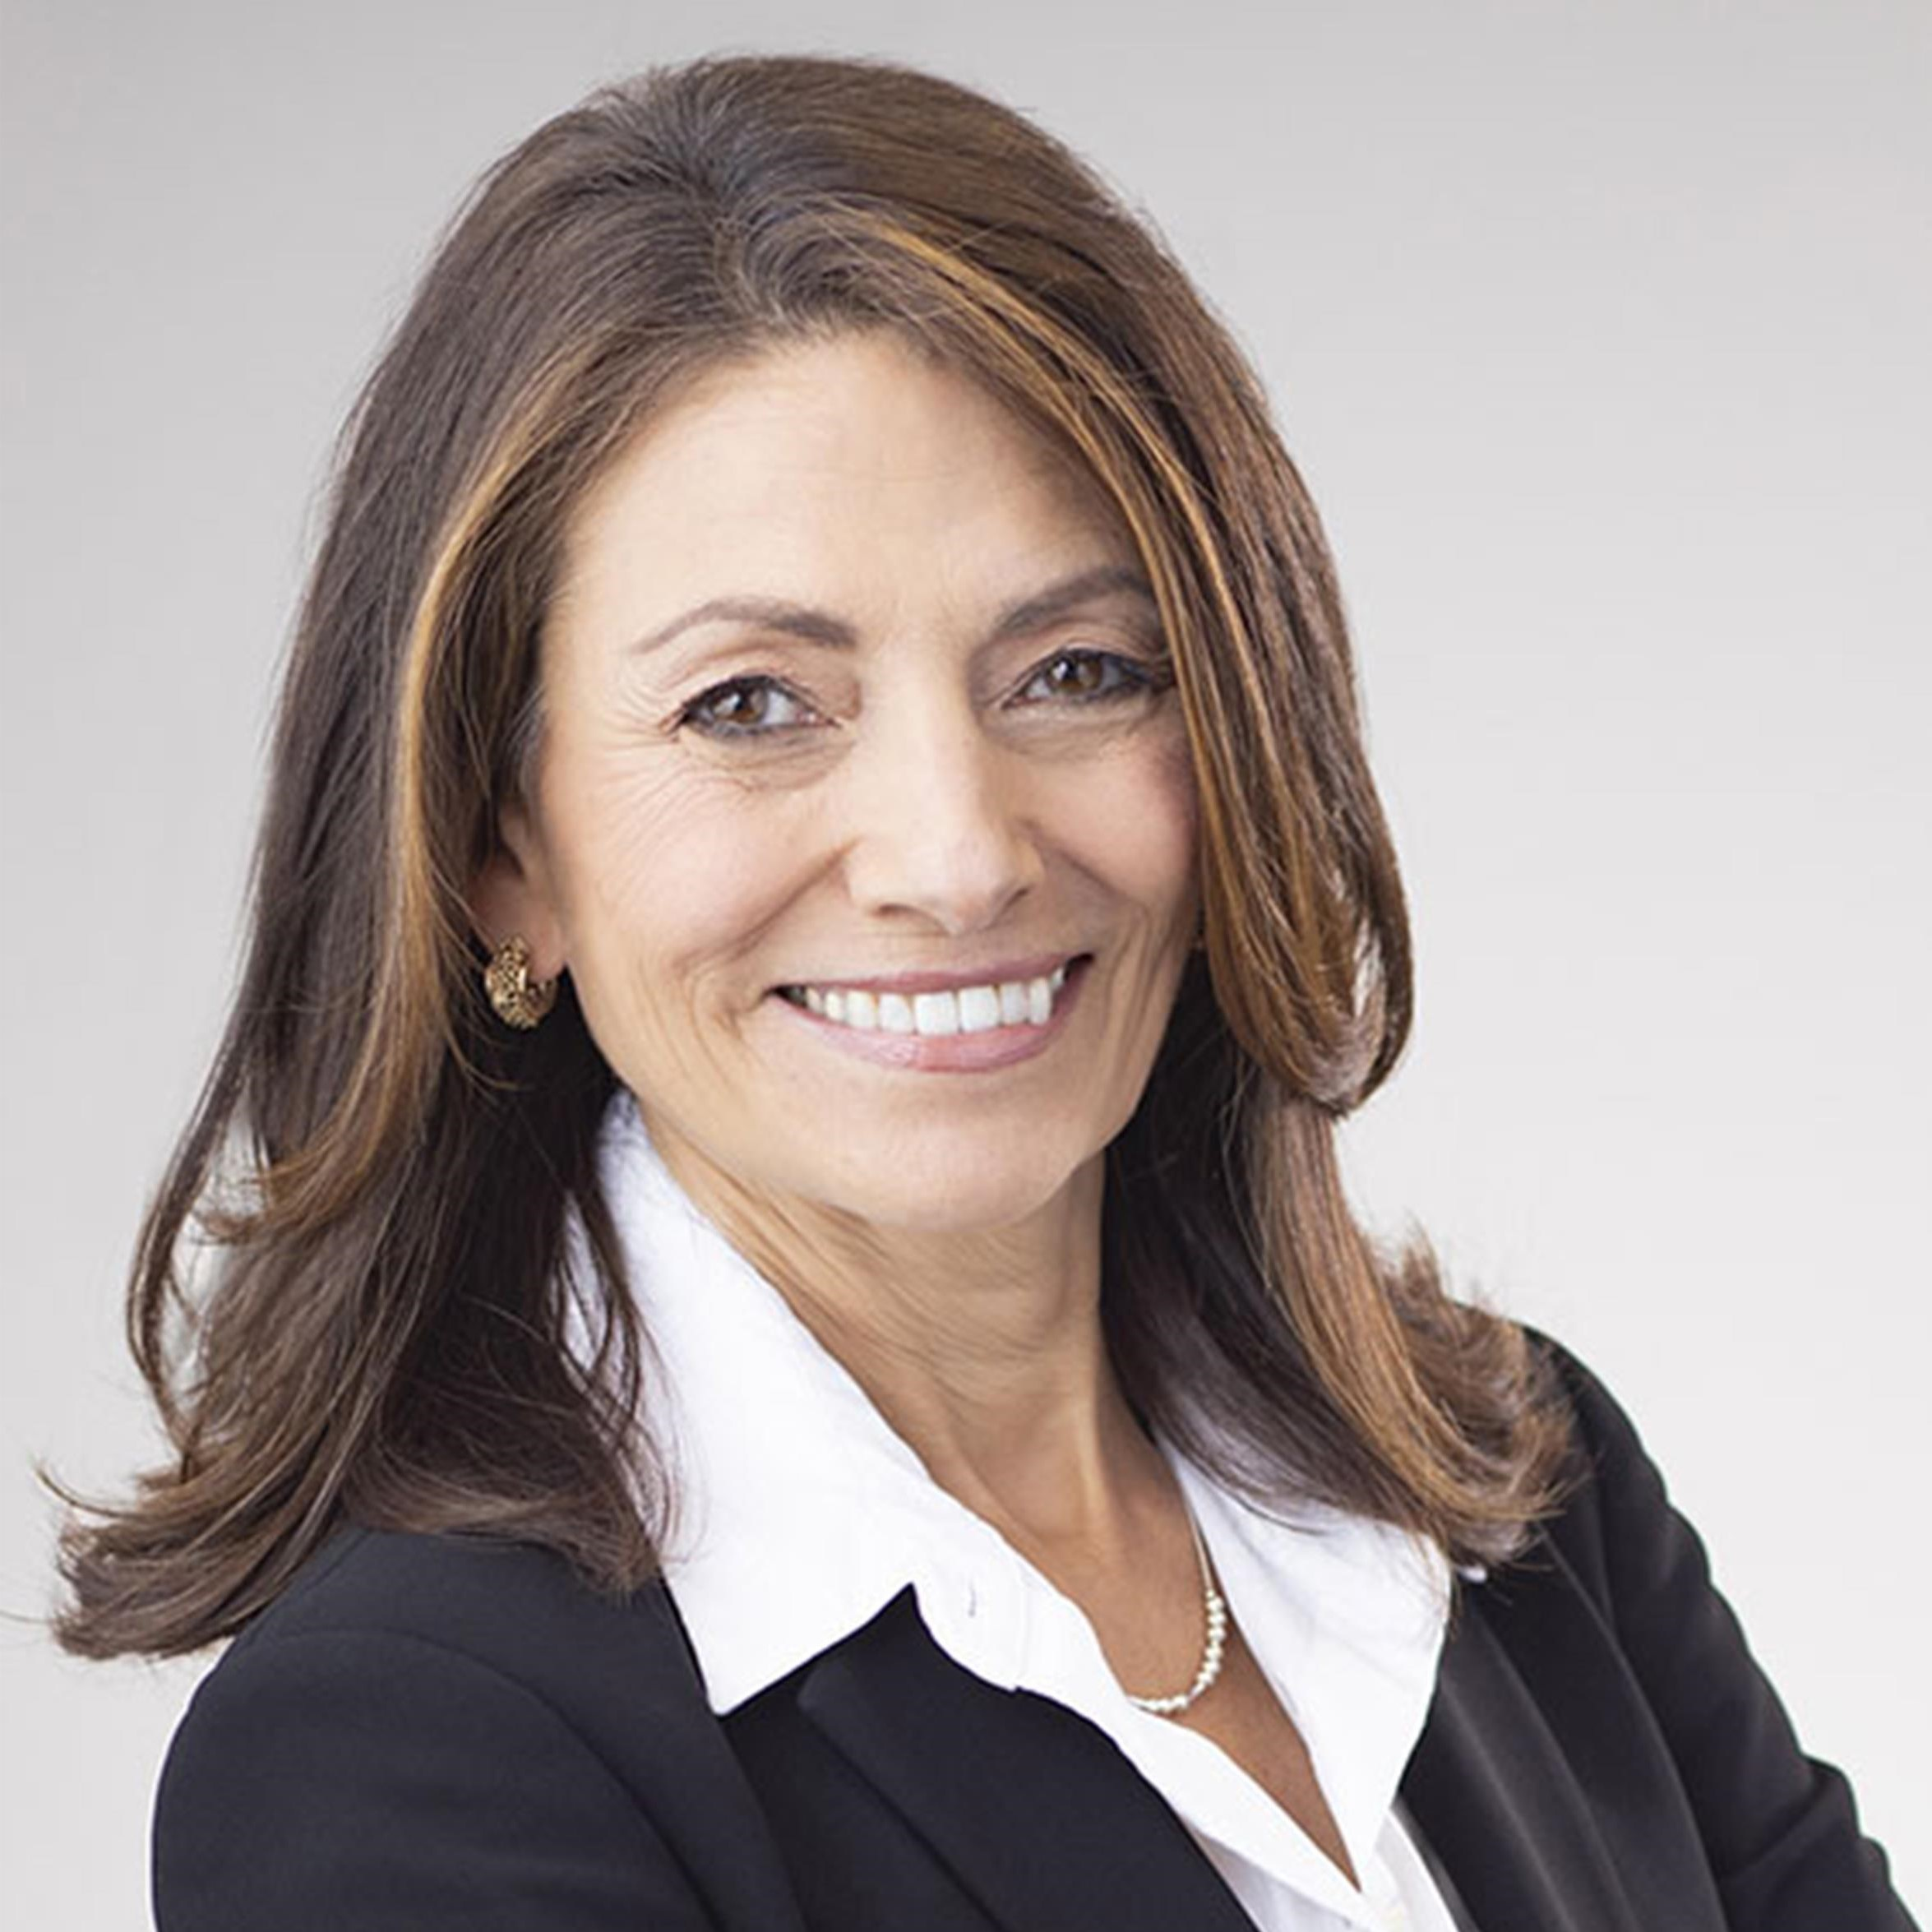 Stephanie Mitchko-Beale